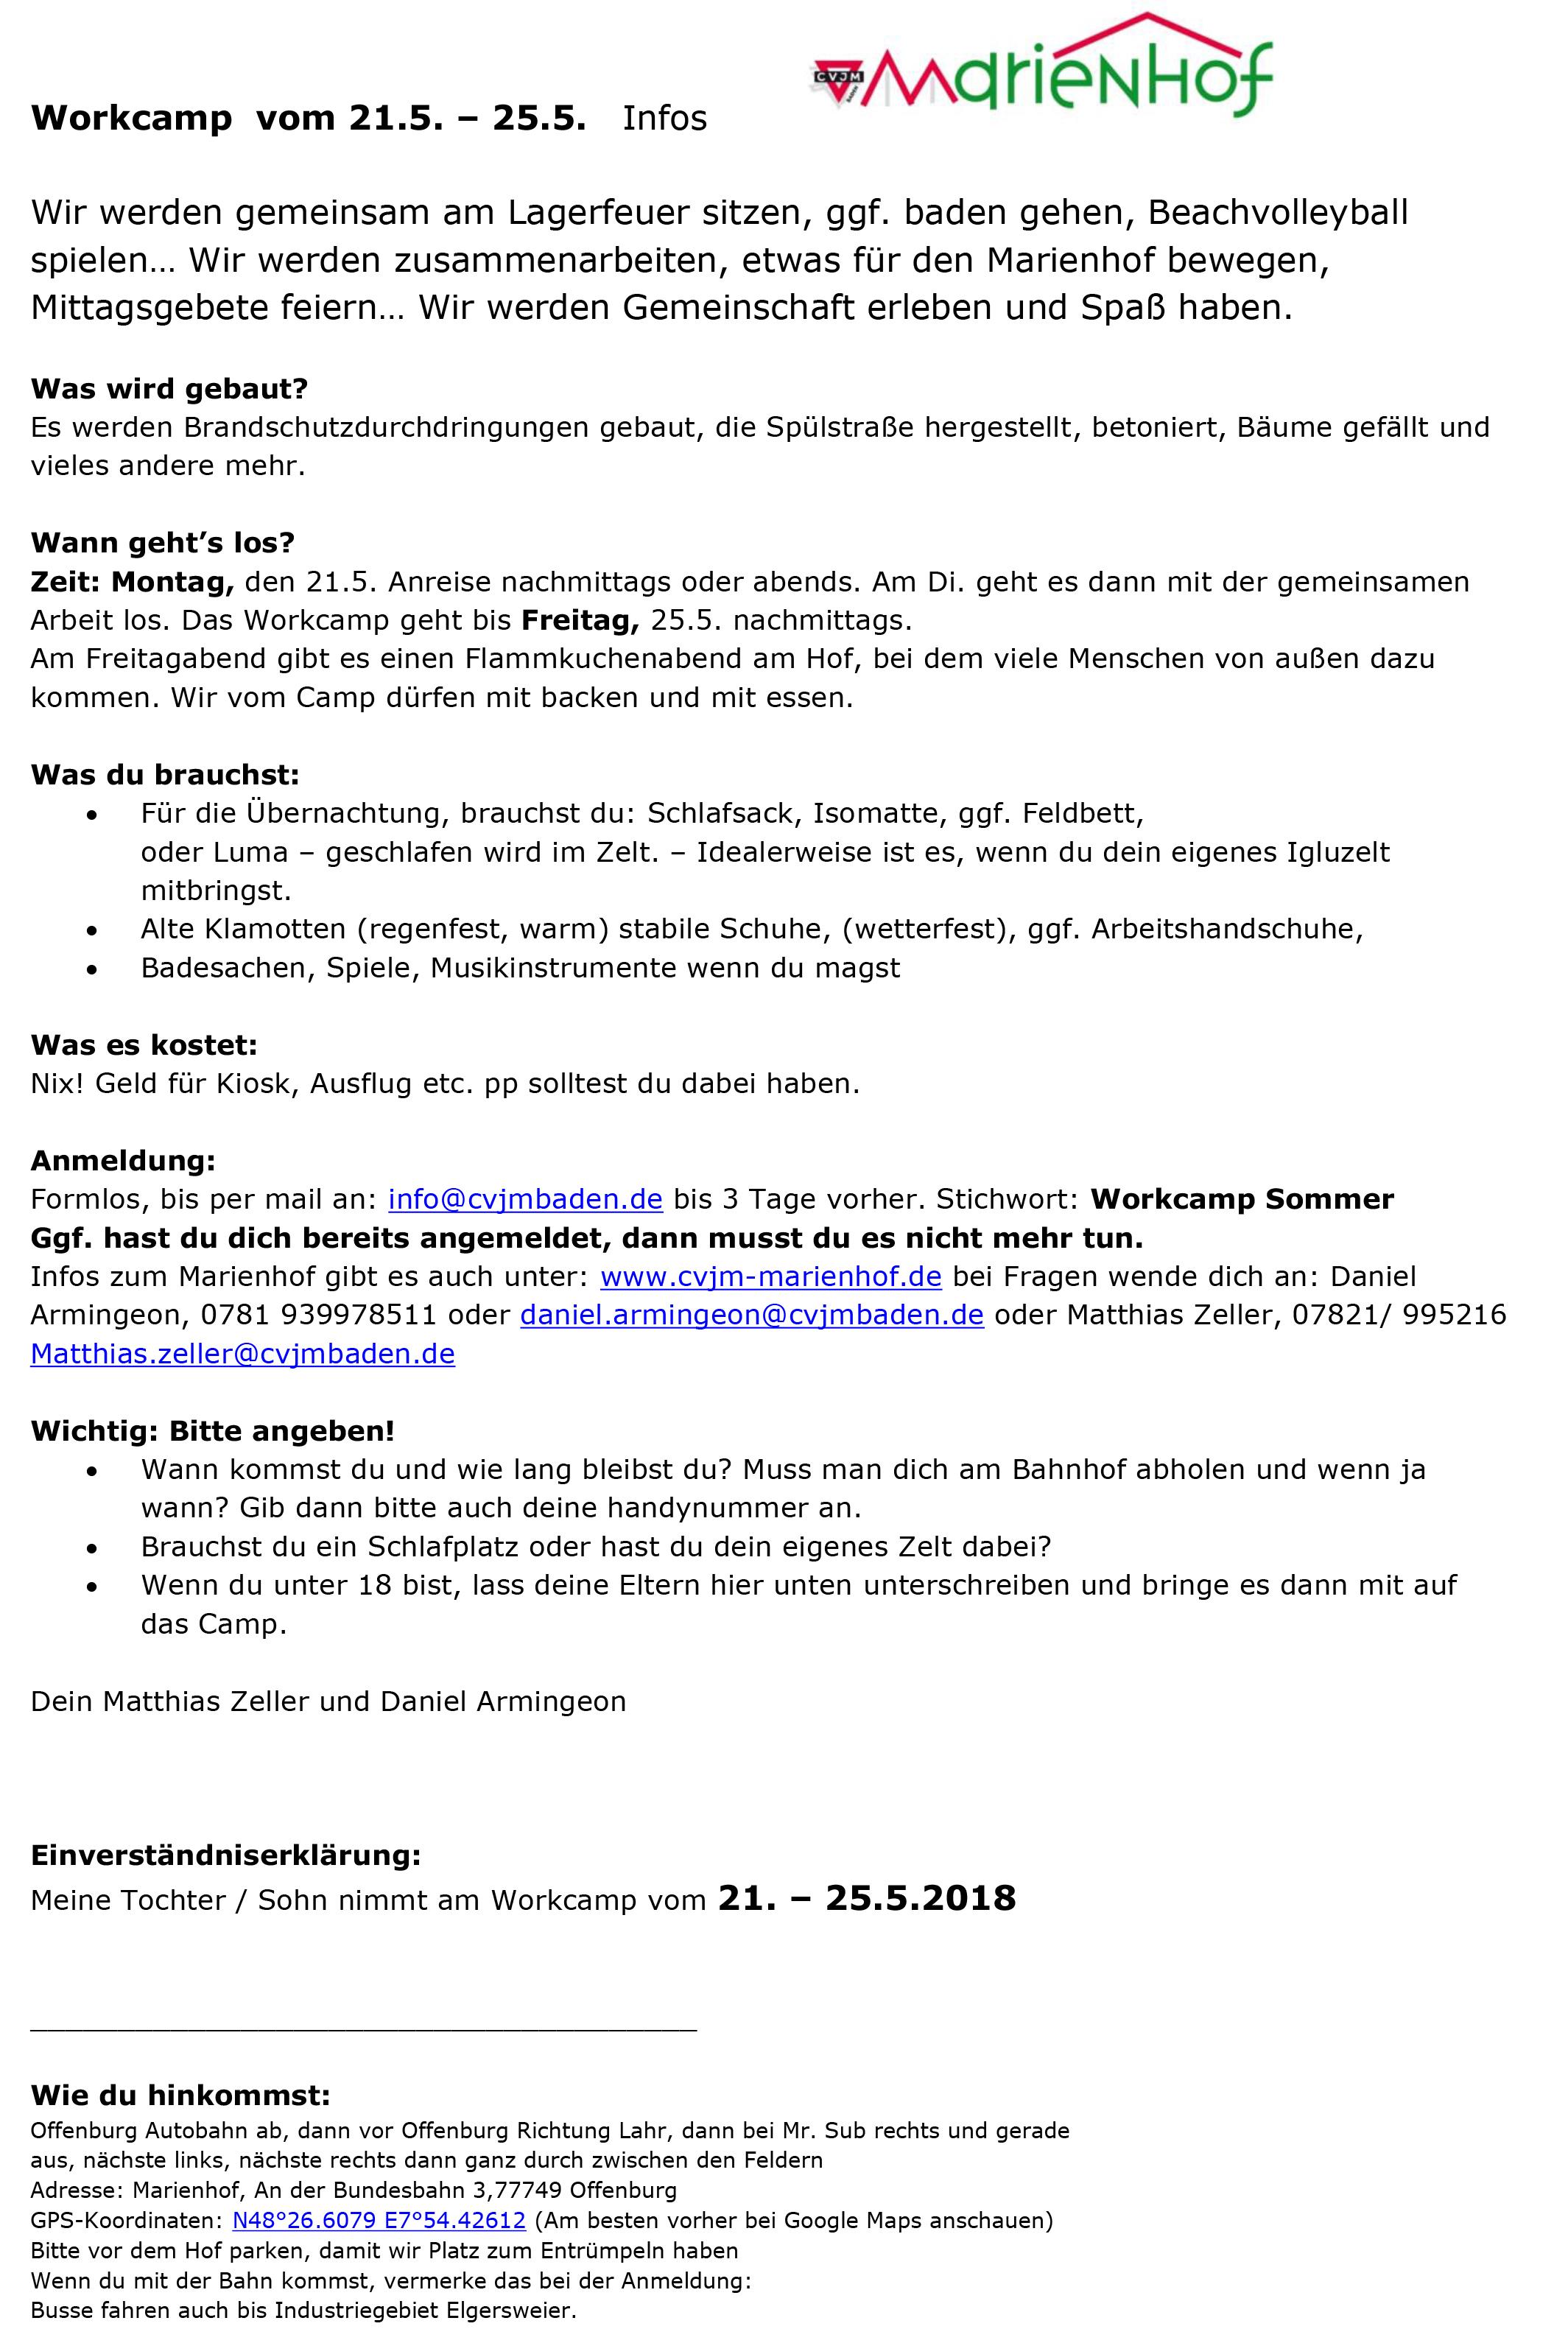 Infobrief Workcamp Pfingsten 2018 Marienhof